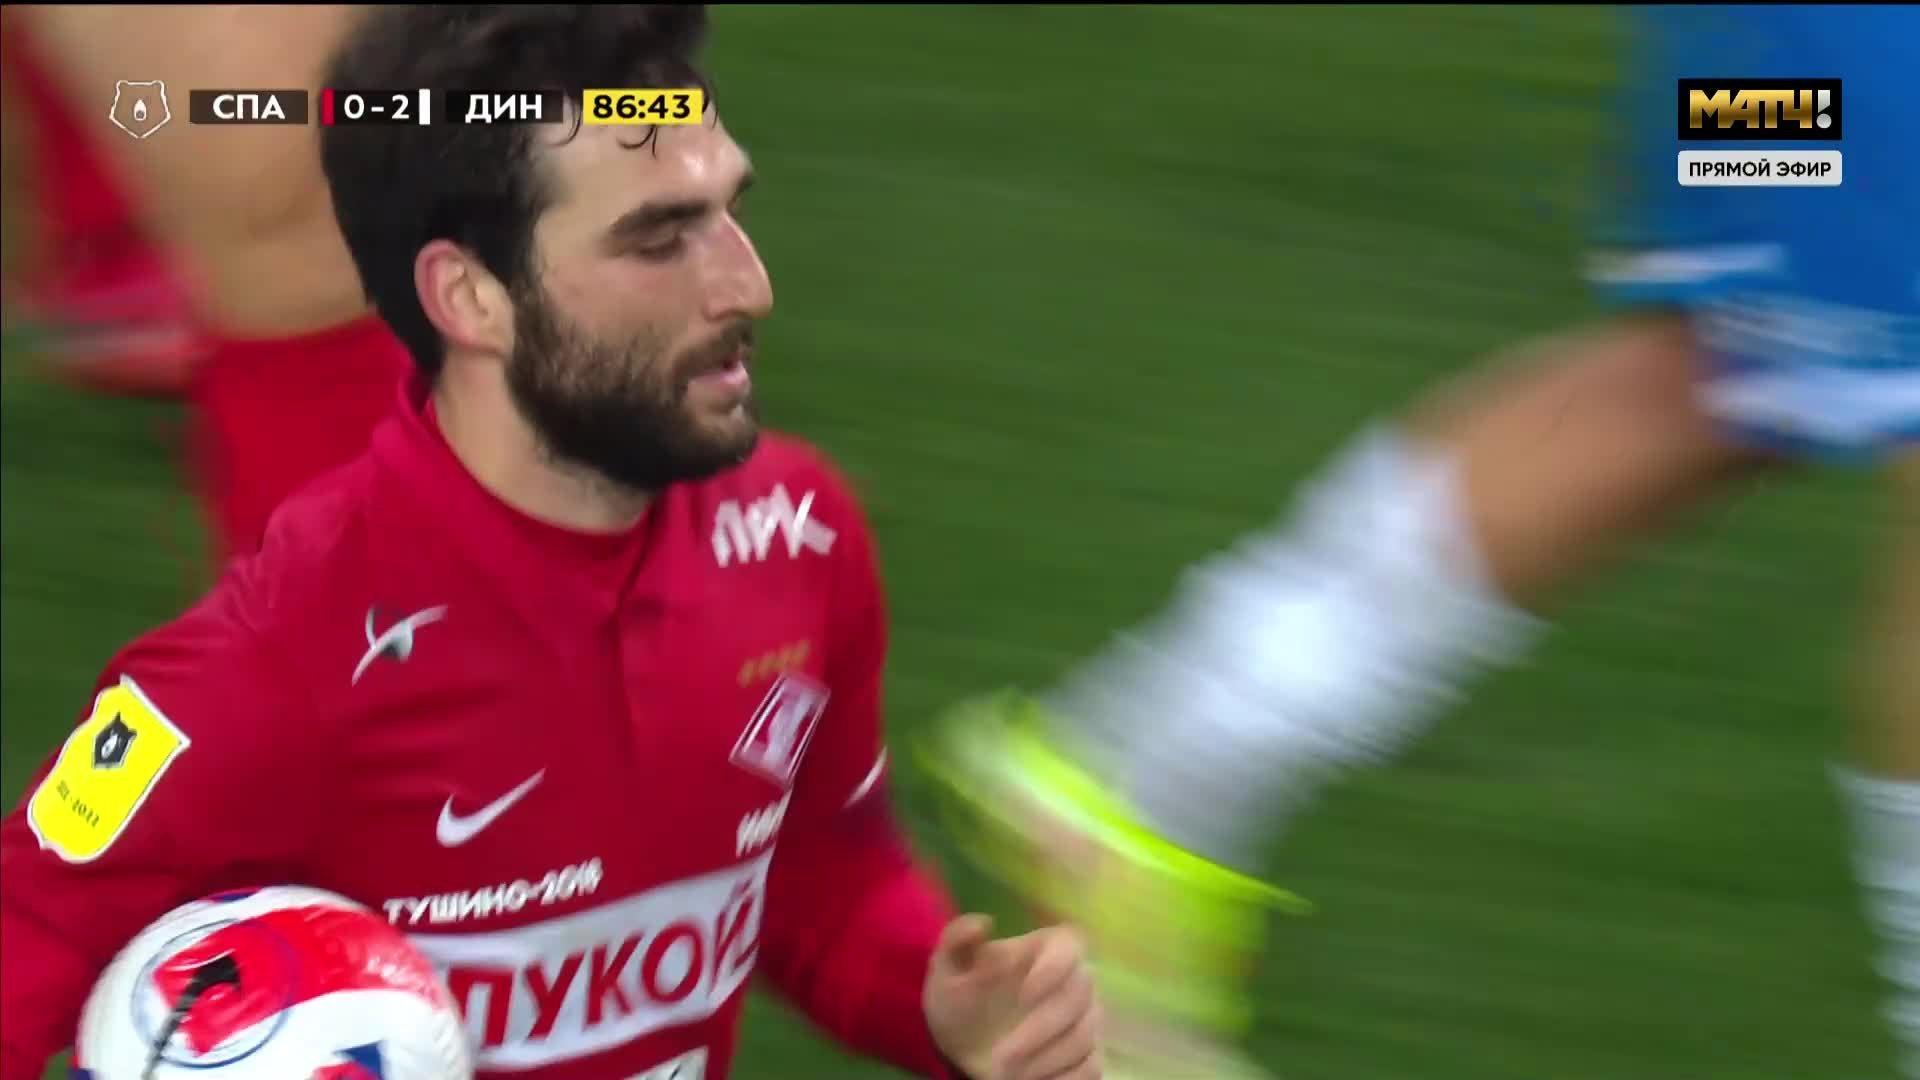 Спартак - Динамо. 1:2. Георгий Джикия